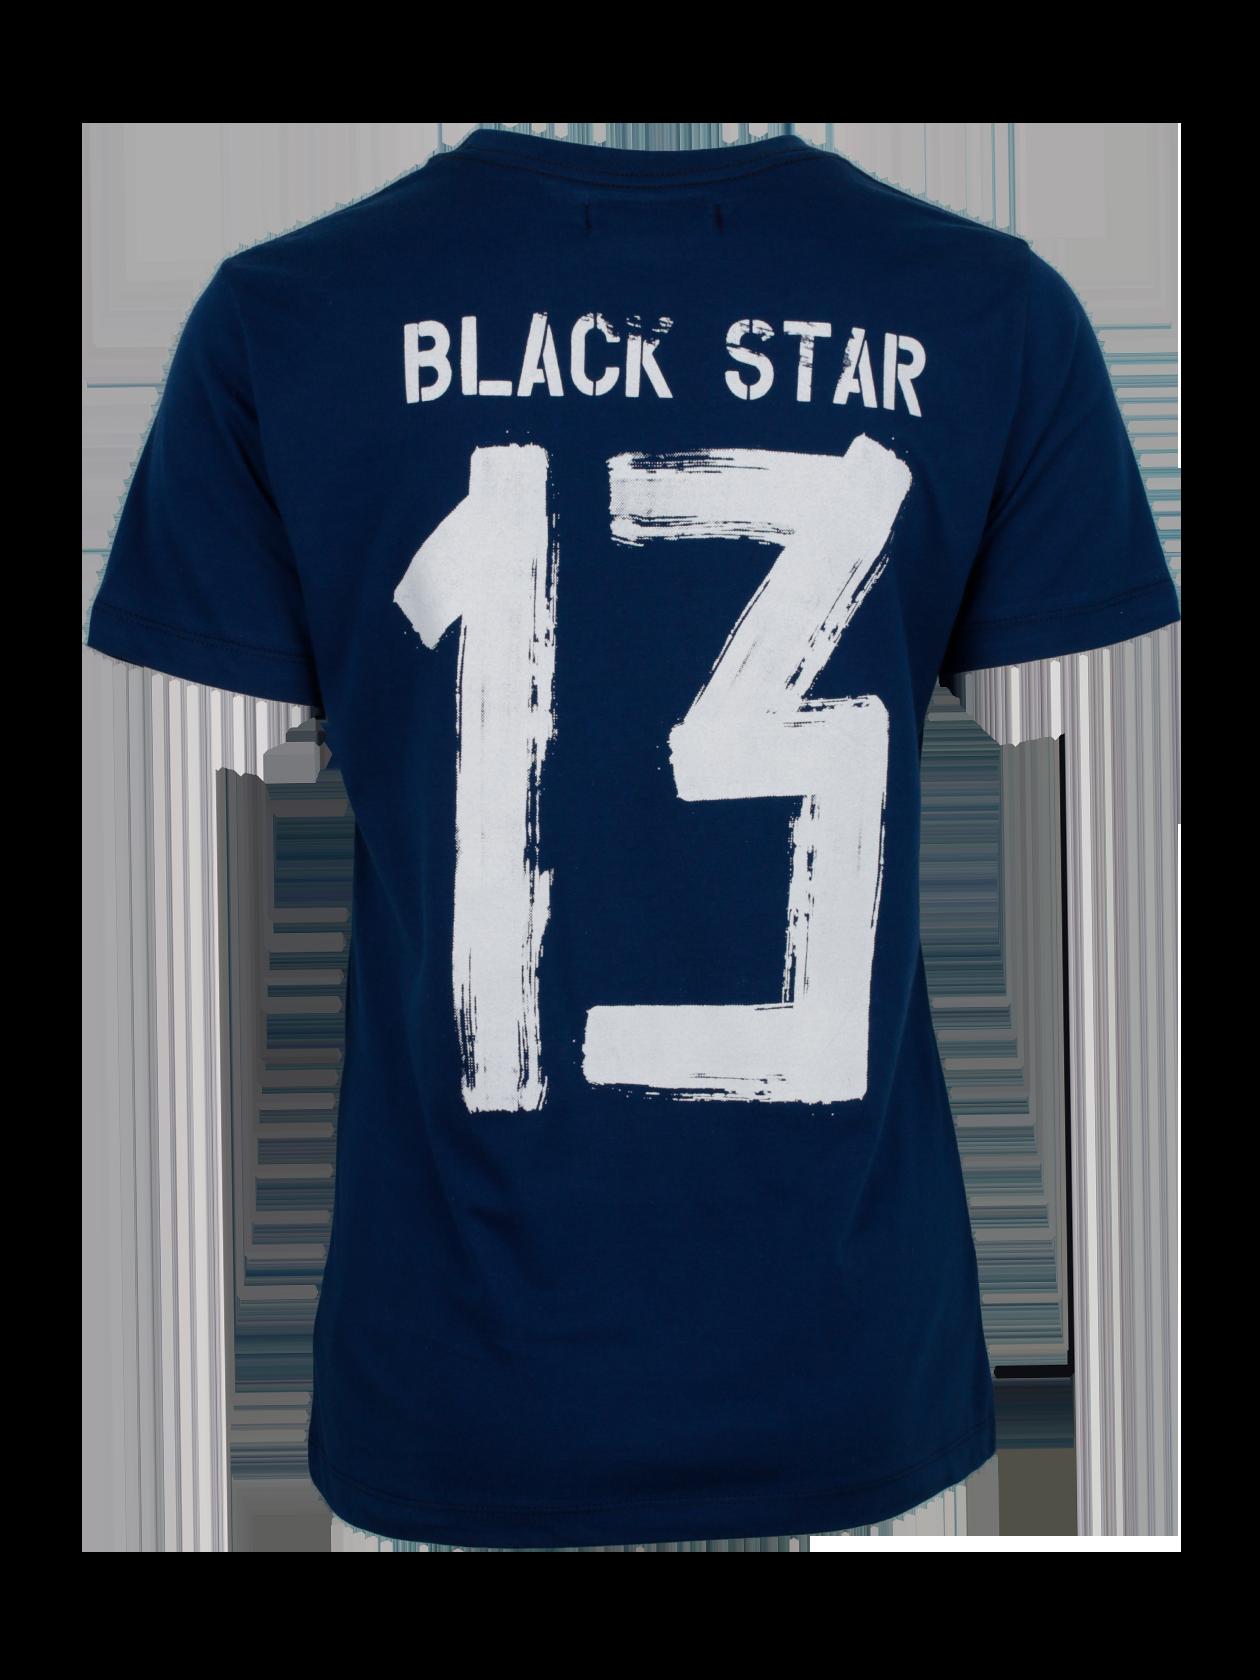 Футболка женская UNIVERSITY 13Стильная футболка женская University 13 – оптимальный вариант для создания стиля на каждый день. Модель базового типа с прямым свободным кроем и небольшим рукавом. Горловина округлая, содержит жаккардовую фирменную нашивку с логотипом бренда BSW. Декоративный элемент – принт на спине в виде вымазанной краской надписи Black Star 13. Футболка сделана из первоклассного натурального хлопка, обладающего высокими практичными свойствами. Изделие доступно в темно-синем цвете.<br><br>Размер: L<br>Цвет: Синий<br>Пол: Женский